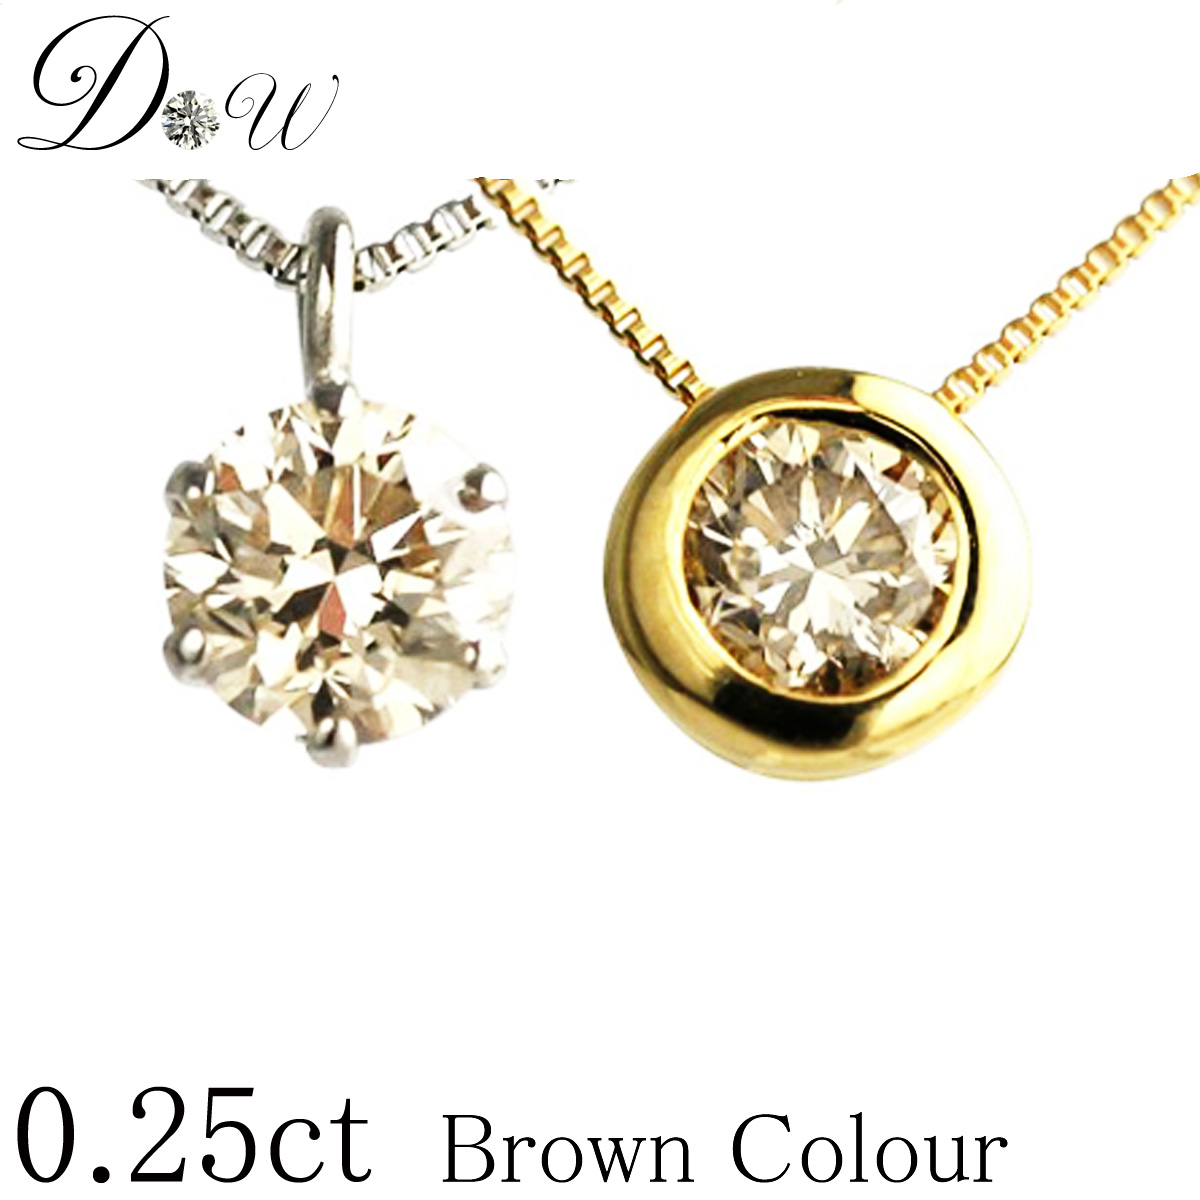 デザイン・地金が選べる天然ダイヤモンド ペンダント ネックレス 0.25ct【Light Brownカラー VS~SIクラス Goodアップ】【品質保証書付】一粒 ダイヤモンド ネックレス